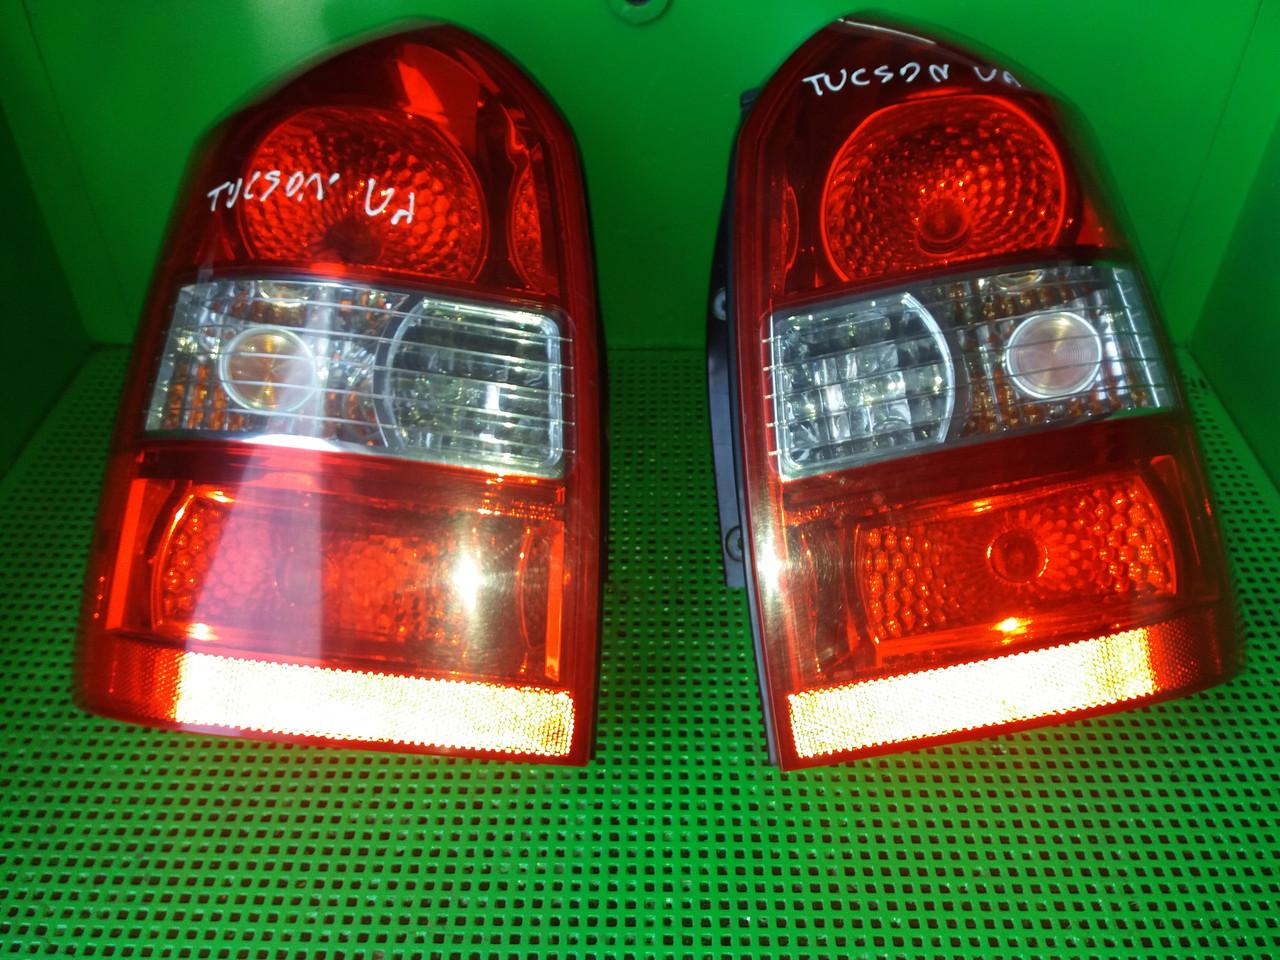 Б/у фонарь задний левый и правый для Hyundai Tucson 2008 р. 2.0 CRDI